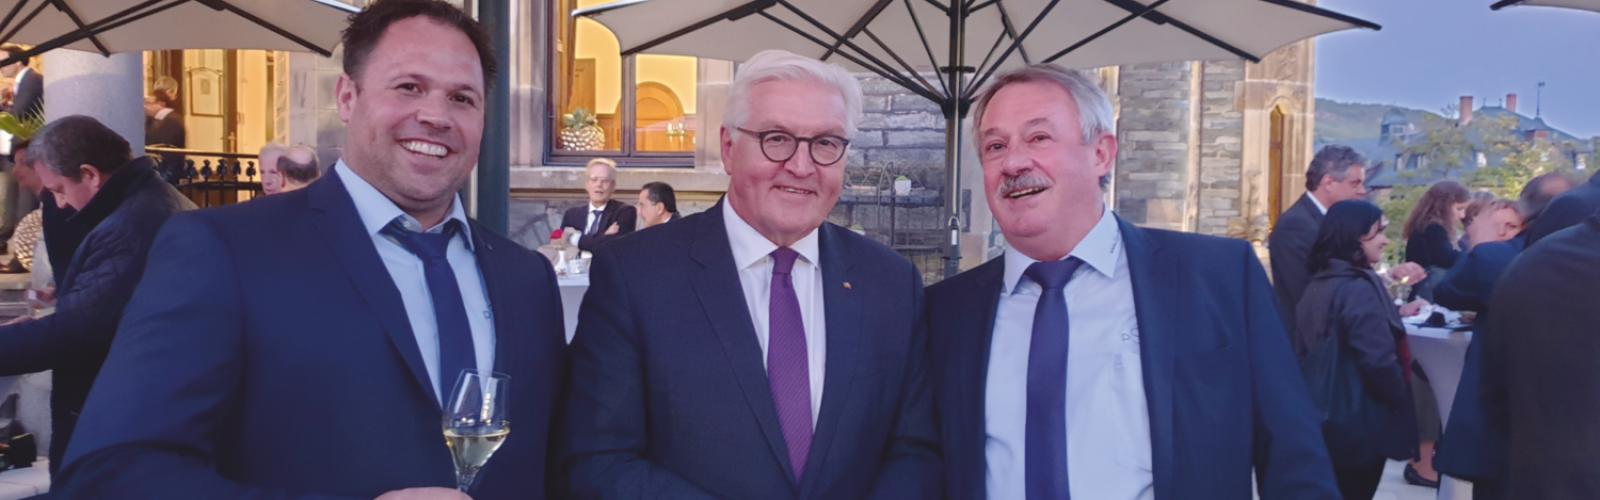 Bundespräsident Steinmeier beim Staatsempfang auf Schloss Lieser mit unserem Riesling Sekt Brut